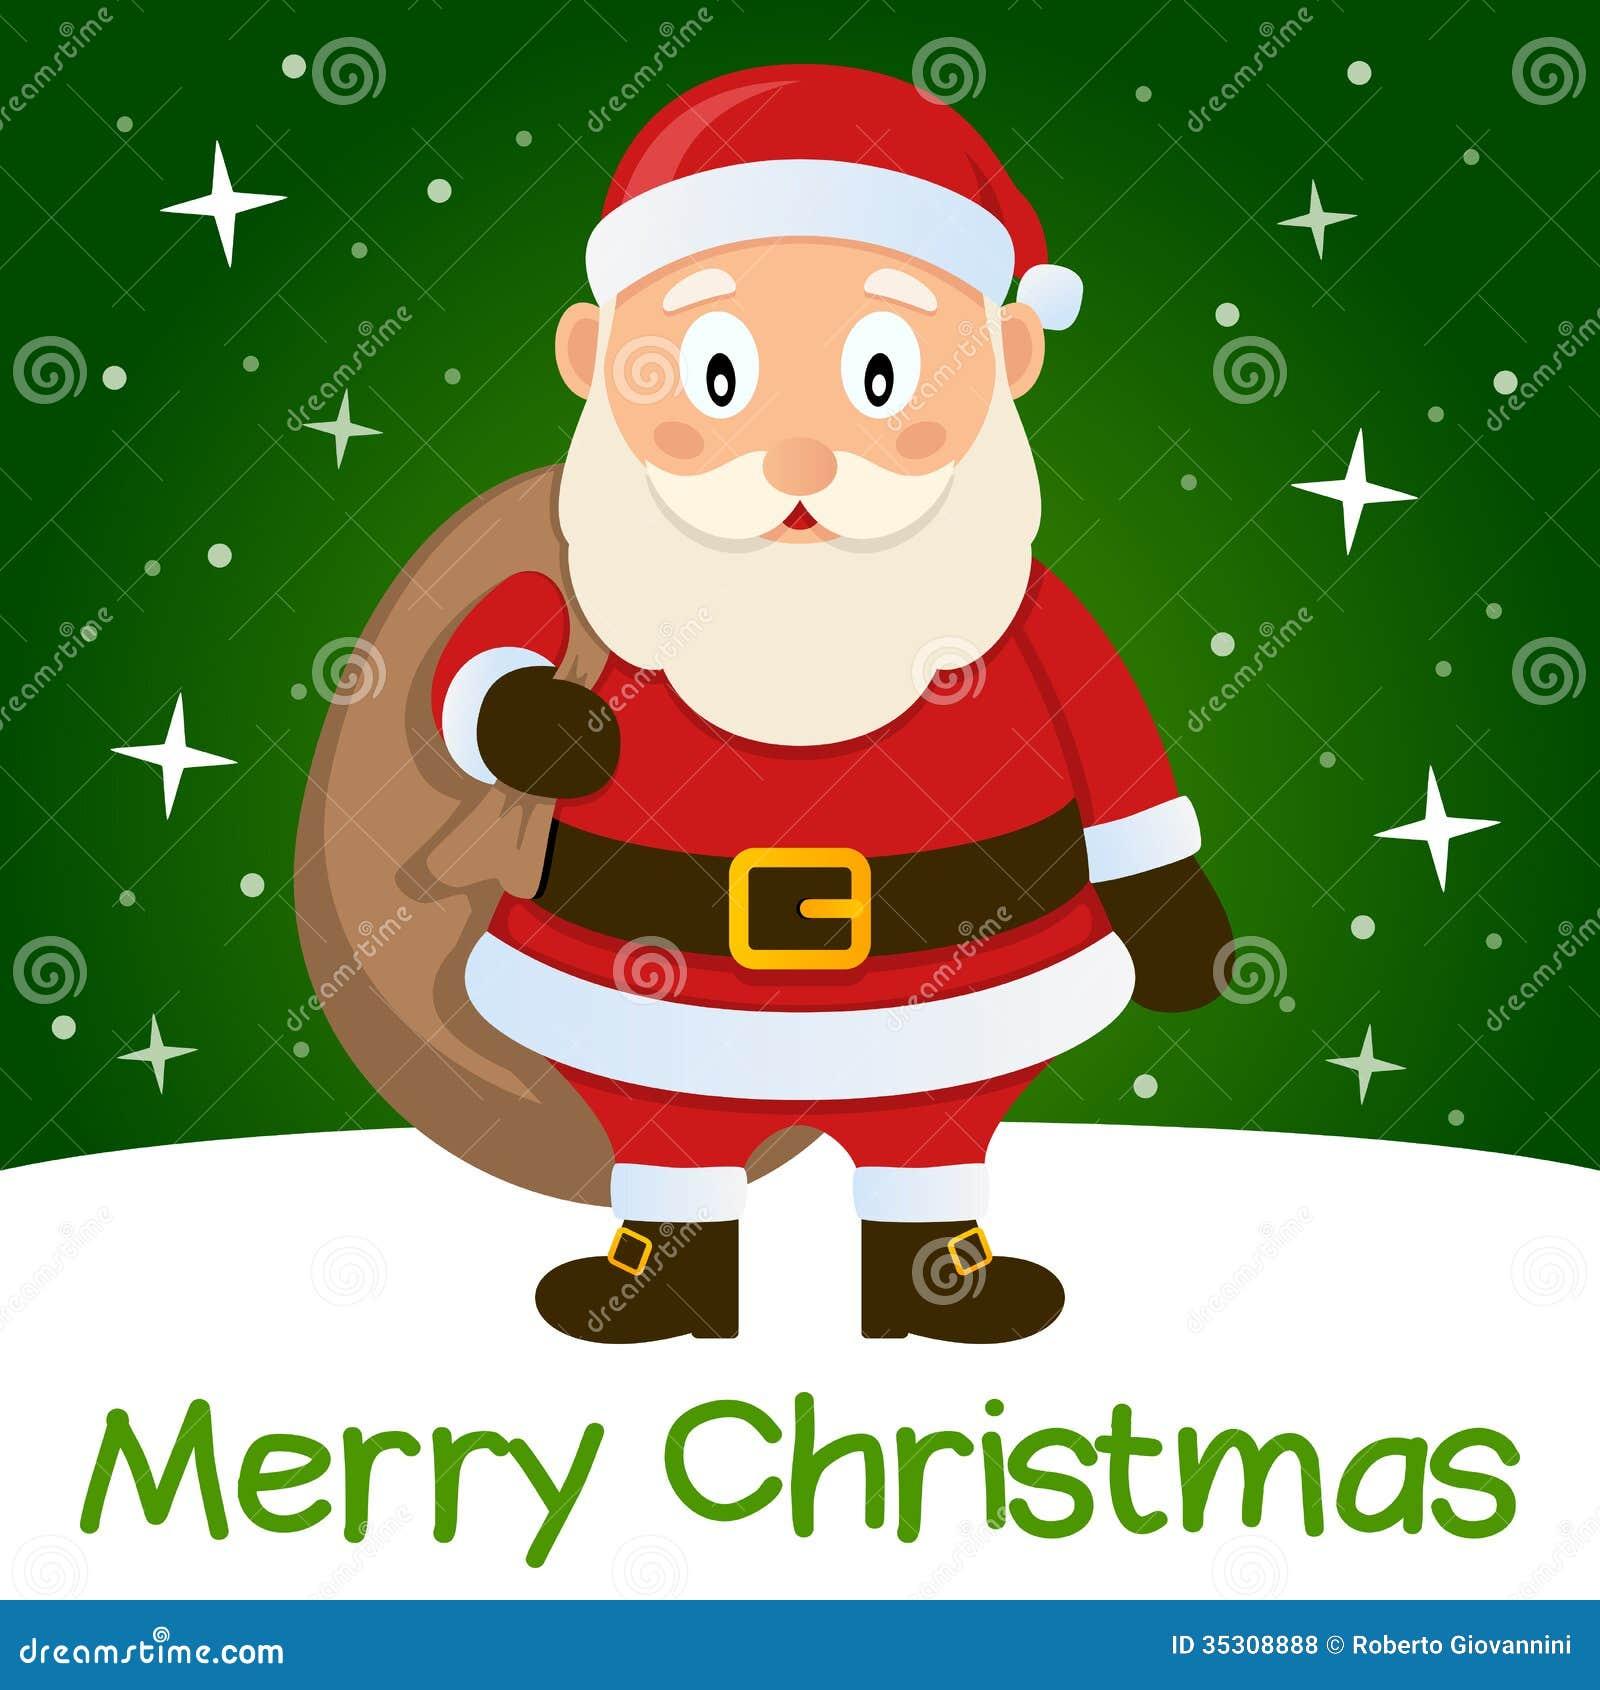 Green Christmas Card Santa Claus Stock Vector